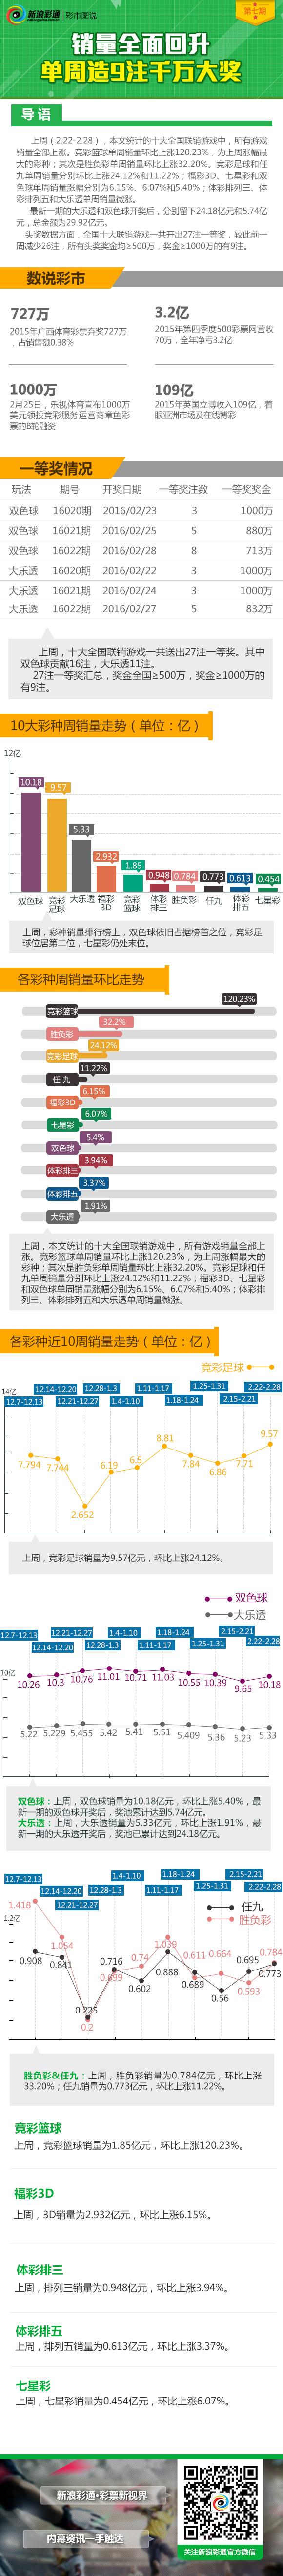 彩市图说第7期:销量全面回升+单周造9注千万大奖